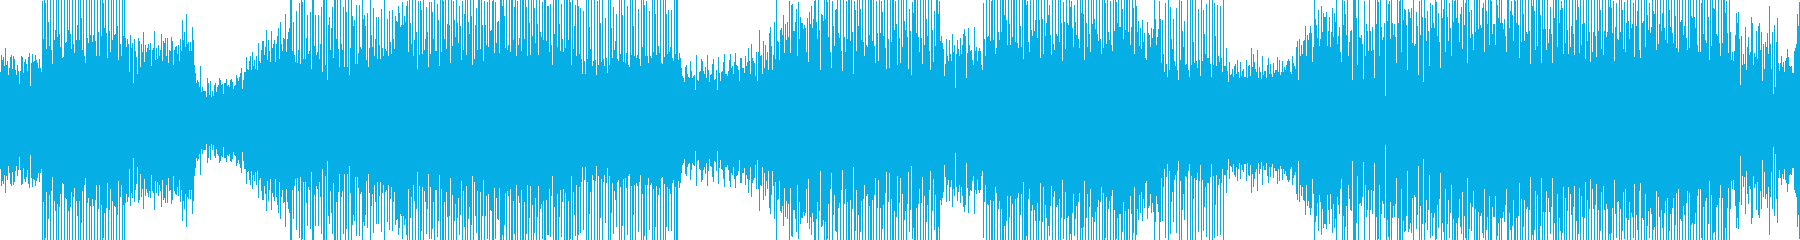 シンセサイザーが印象的な近未来サウンドの再生済みの波形